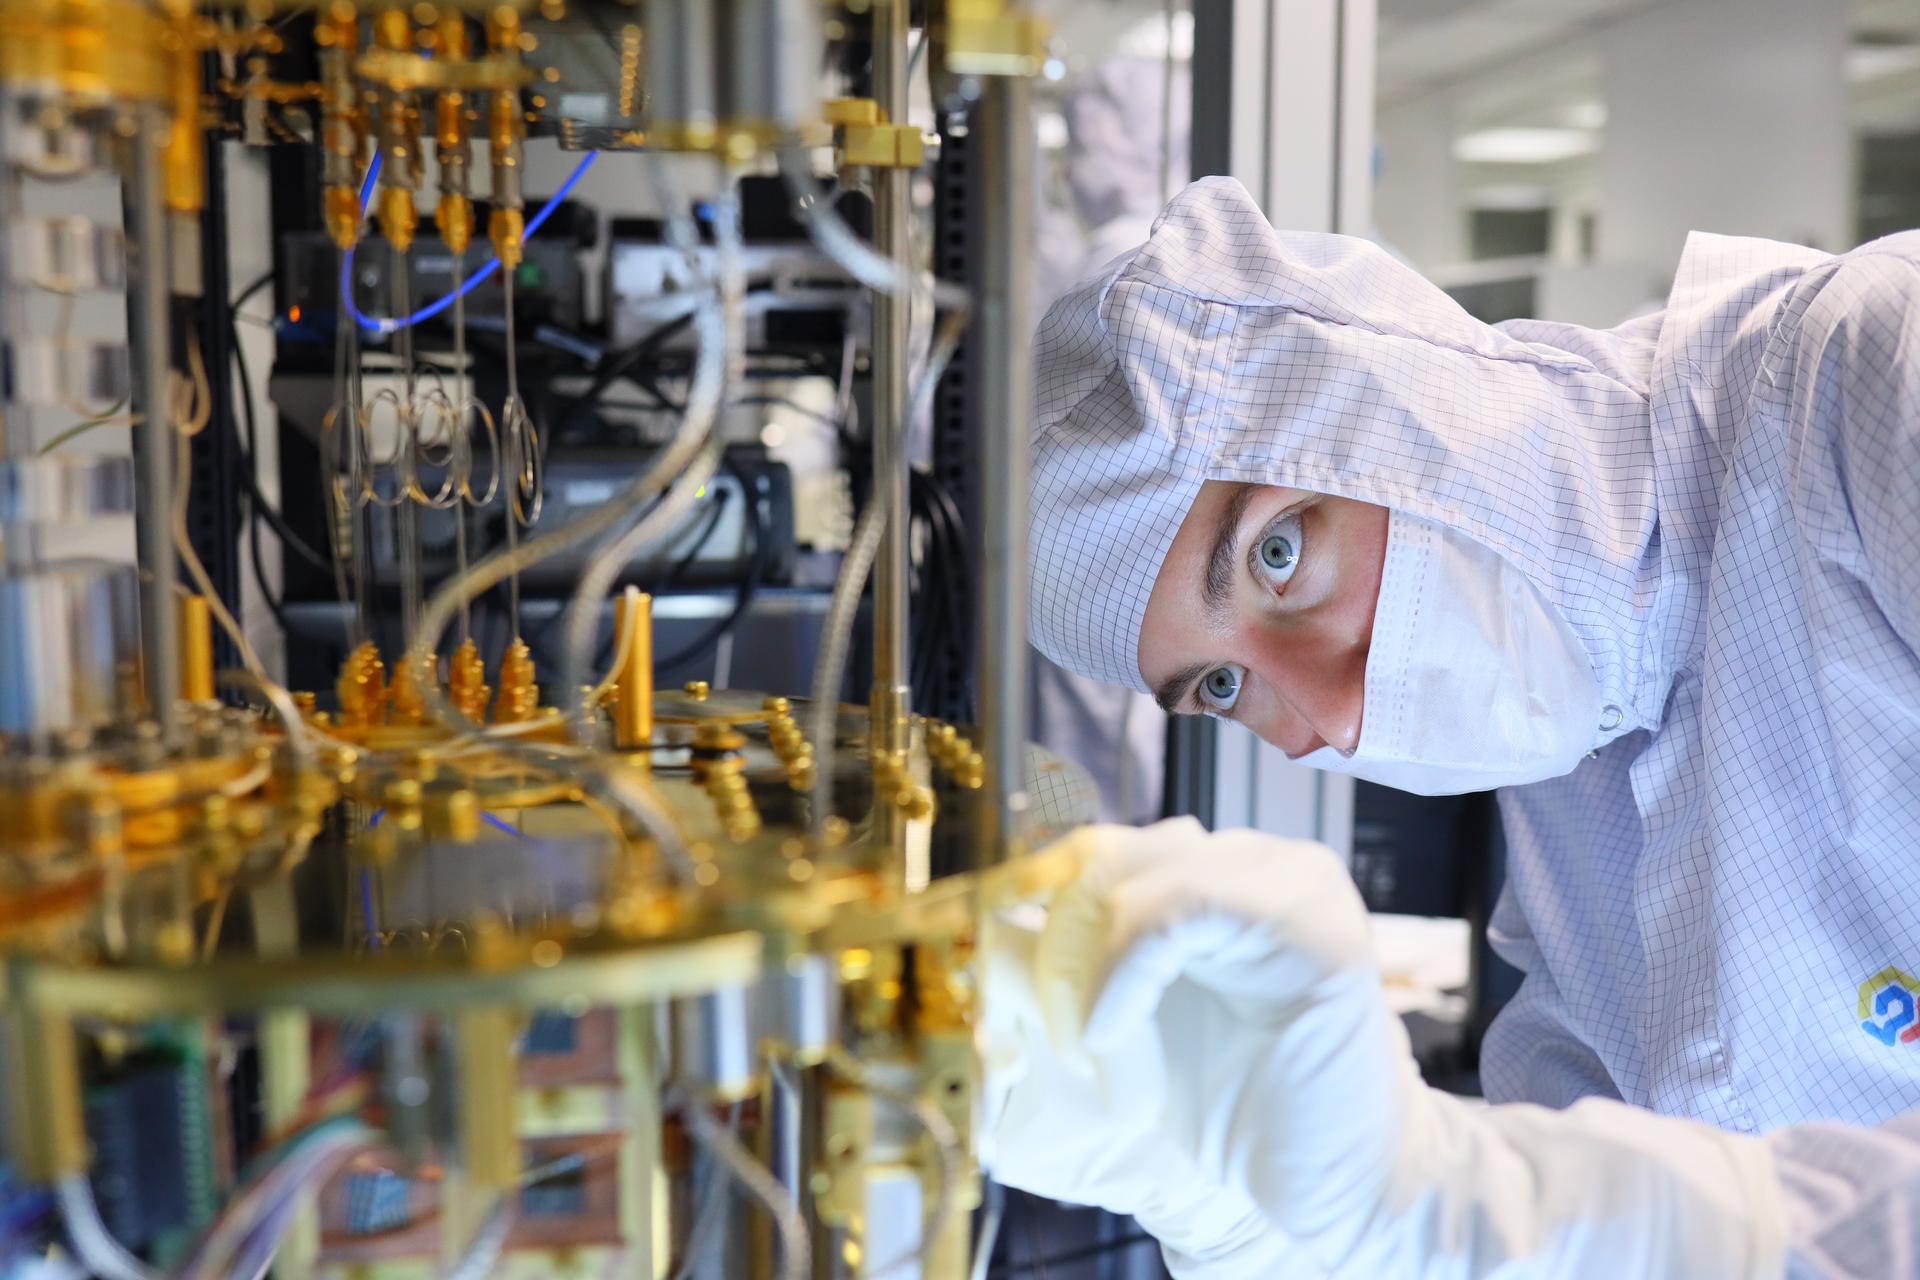 «Возможности безграничны»: российский специалист по наносистемам — о квантовом компьютере и биосенсорах